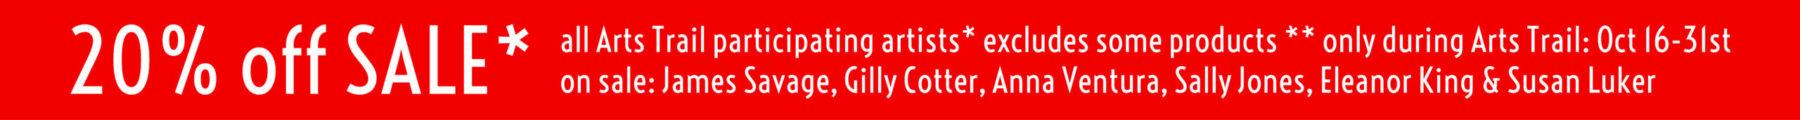 Art Gallery Devon Kingsbridge